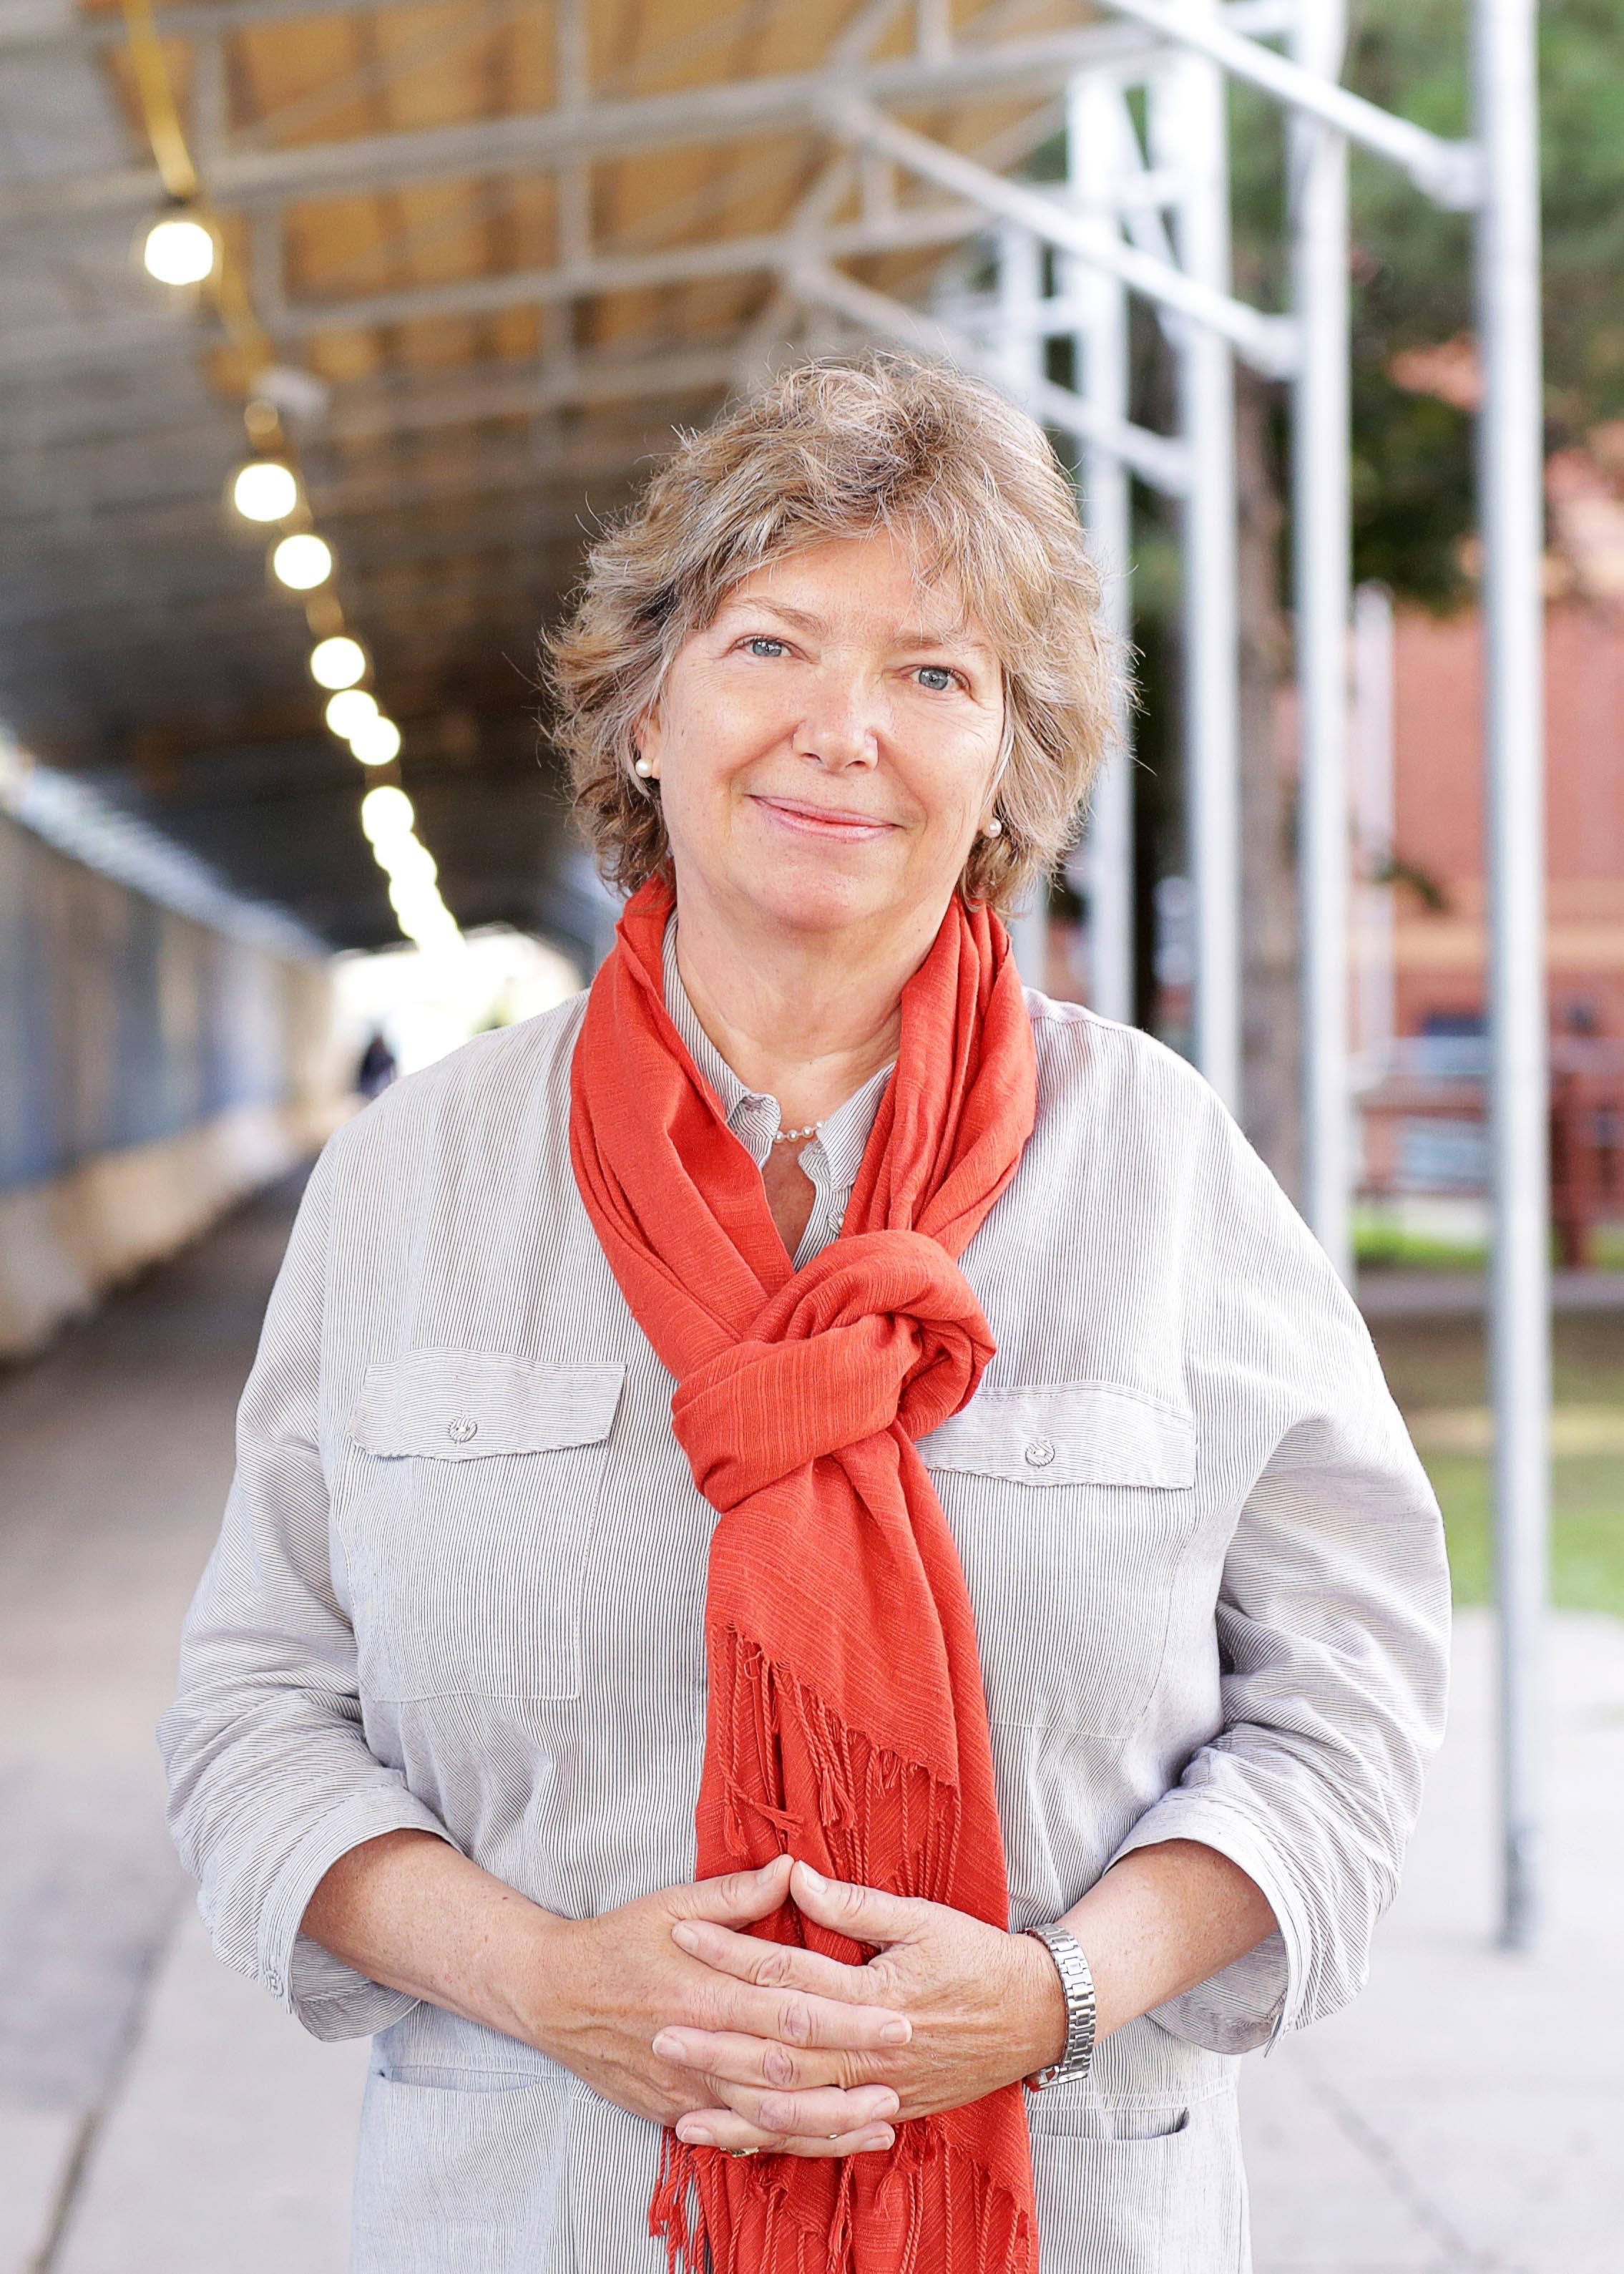 La professeure Katherine Lippel se tient debout devant une zone en construction